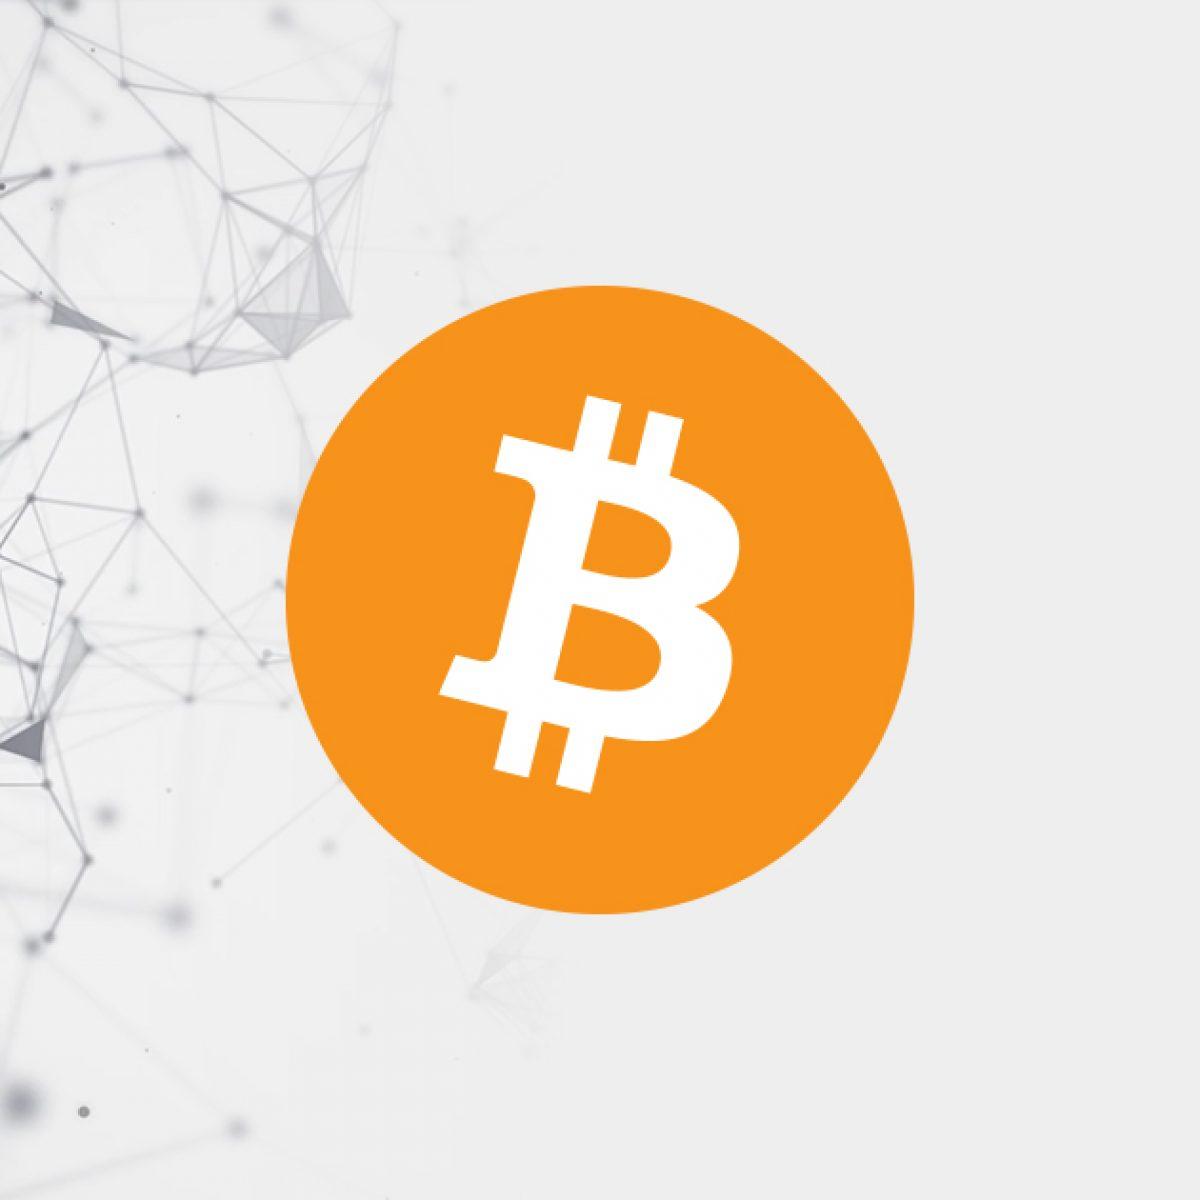 Wie lange sollte ich warten, um mein Bitcoin zu verkaufen?